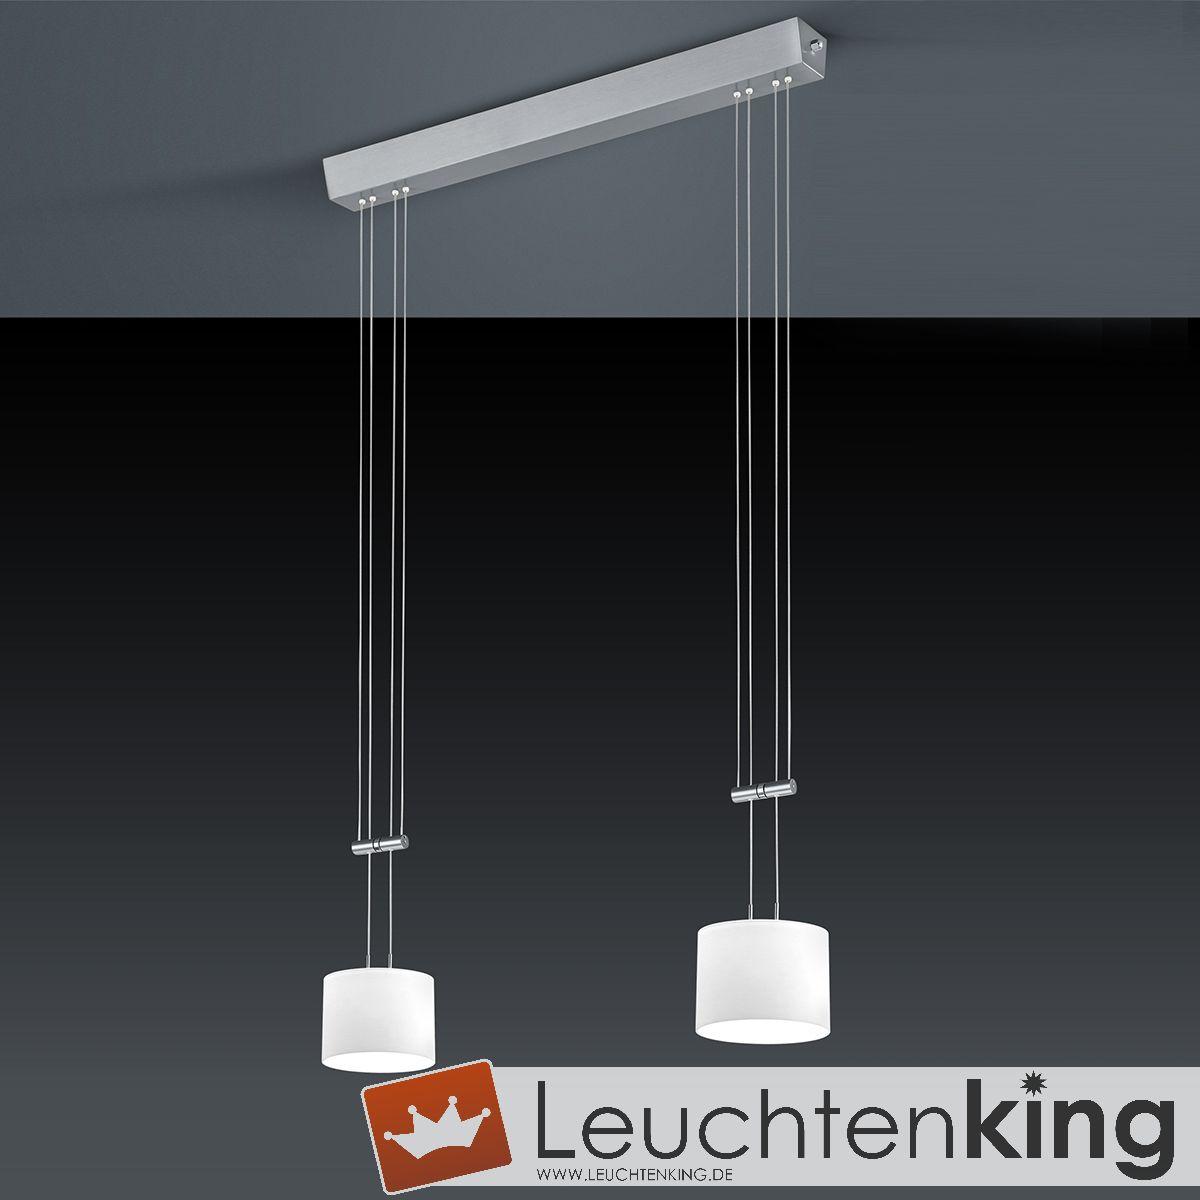 LED-Pendelleuchte Grazia/ 2 flammig von BANKAMP Leuchtenmanufaktur